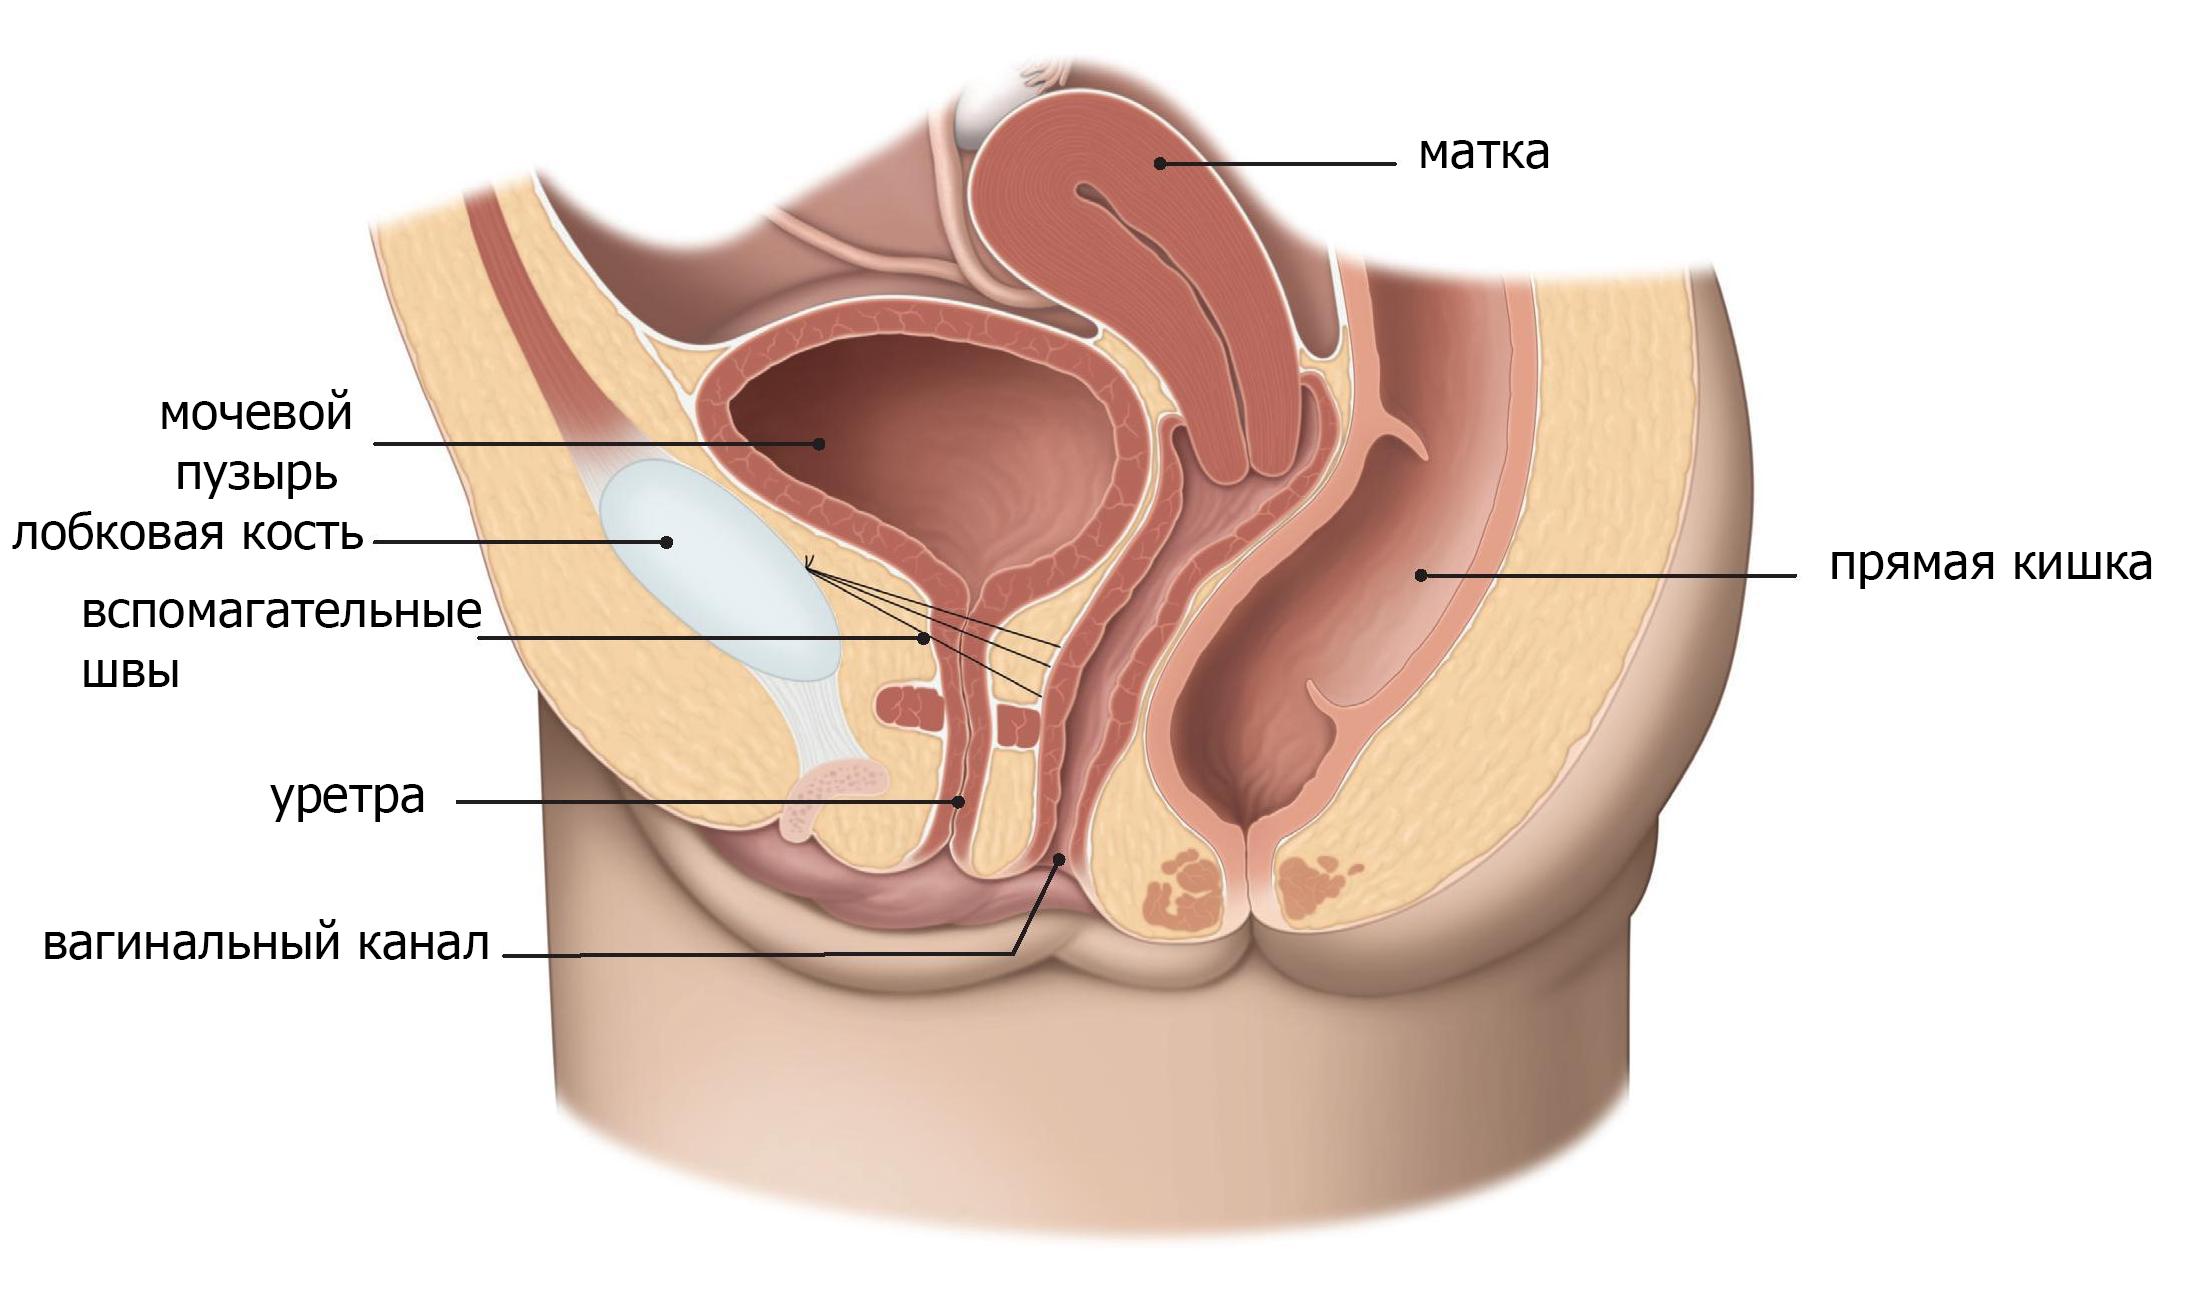 вакансии вылечить лейкоплакию мочевого пузыря отзывы низ